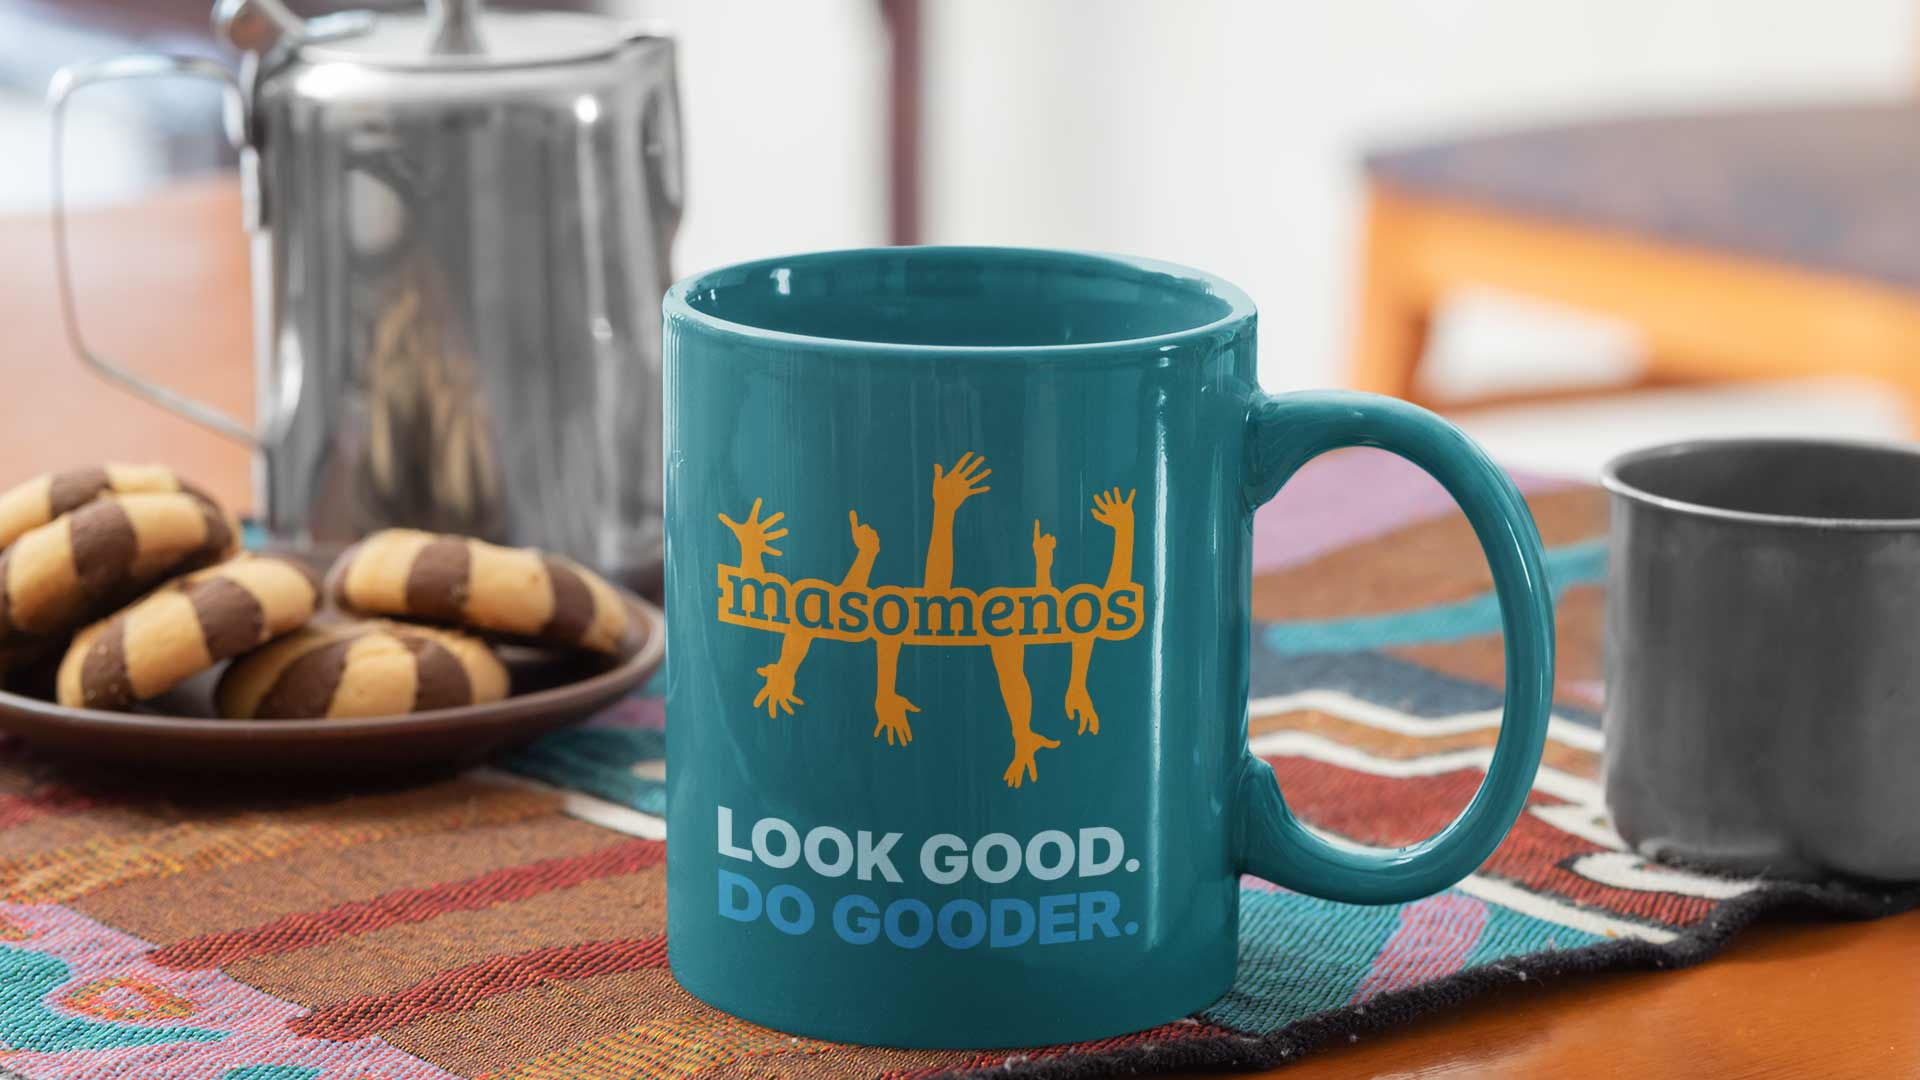 Kakor - gott i lagom mängd, helst ihop med fairtradekaffe!